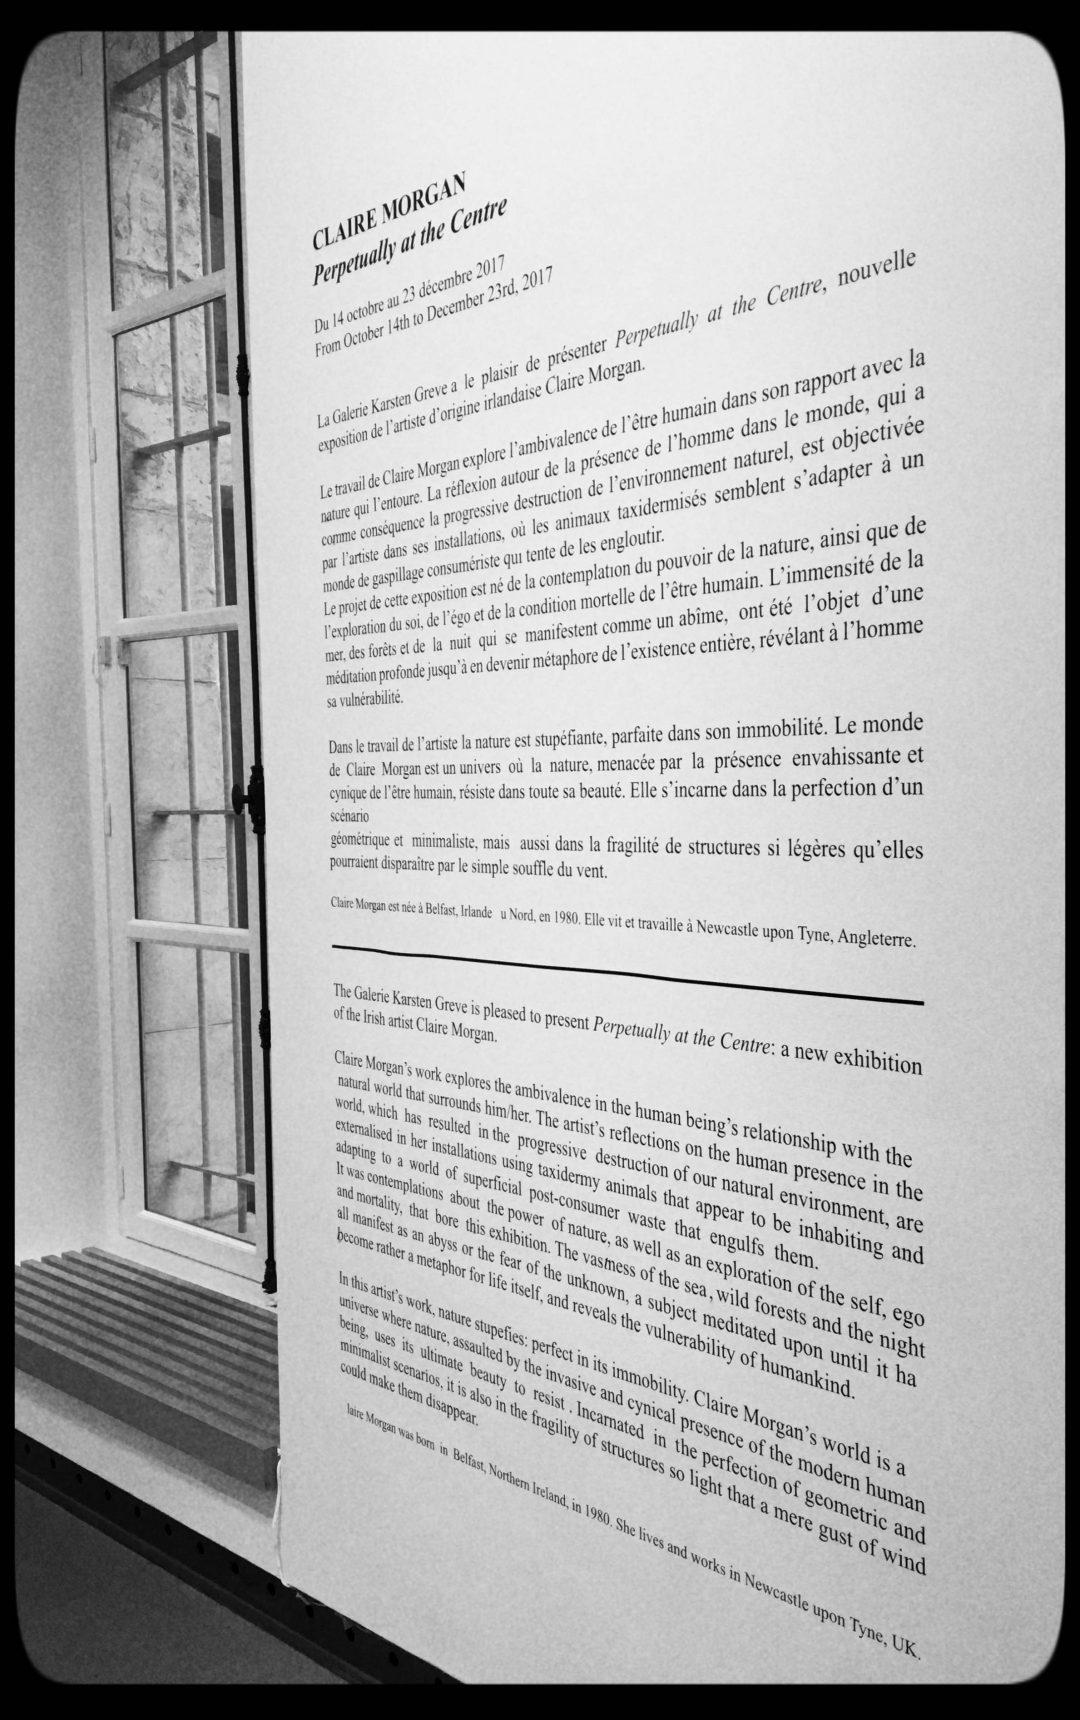 Karsten Greve Gallery (Paris, Cologne, St Moritz)